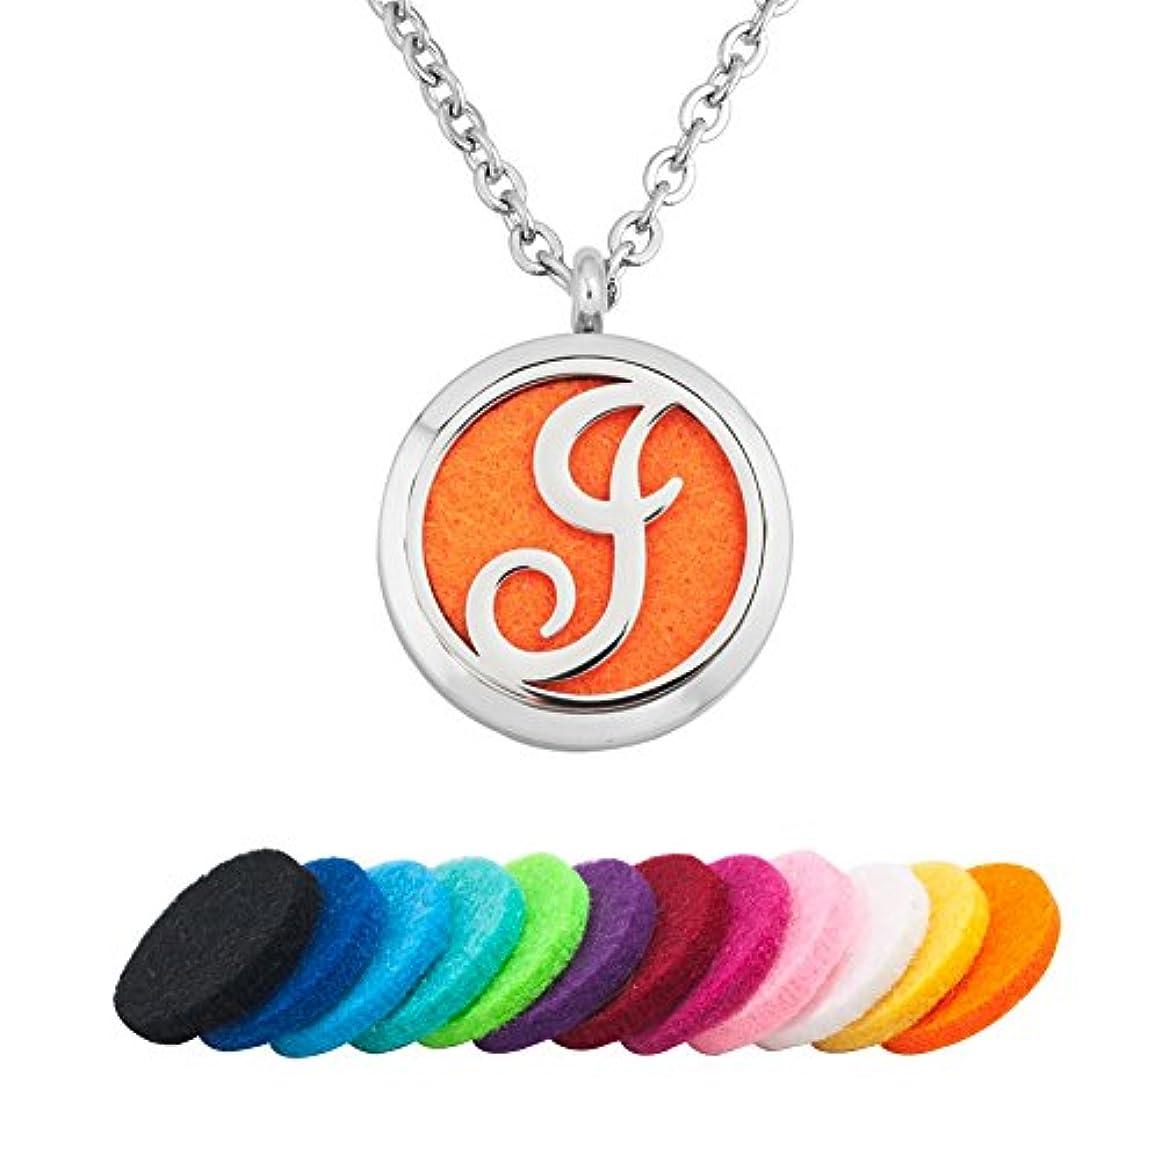 ピンロック保守可能shinyjewelry Aromatherapy Essential Oil DiffuserネックレスA - Z手紙アルファベットラウンドロケットペンダント12色Refill Pads